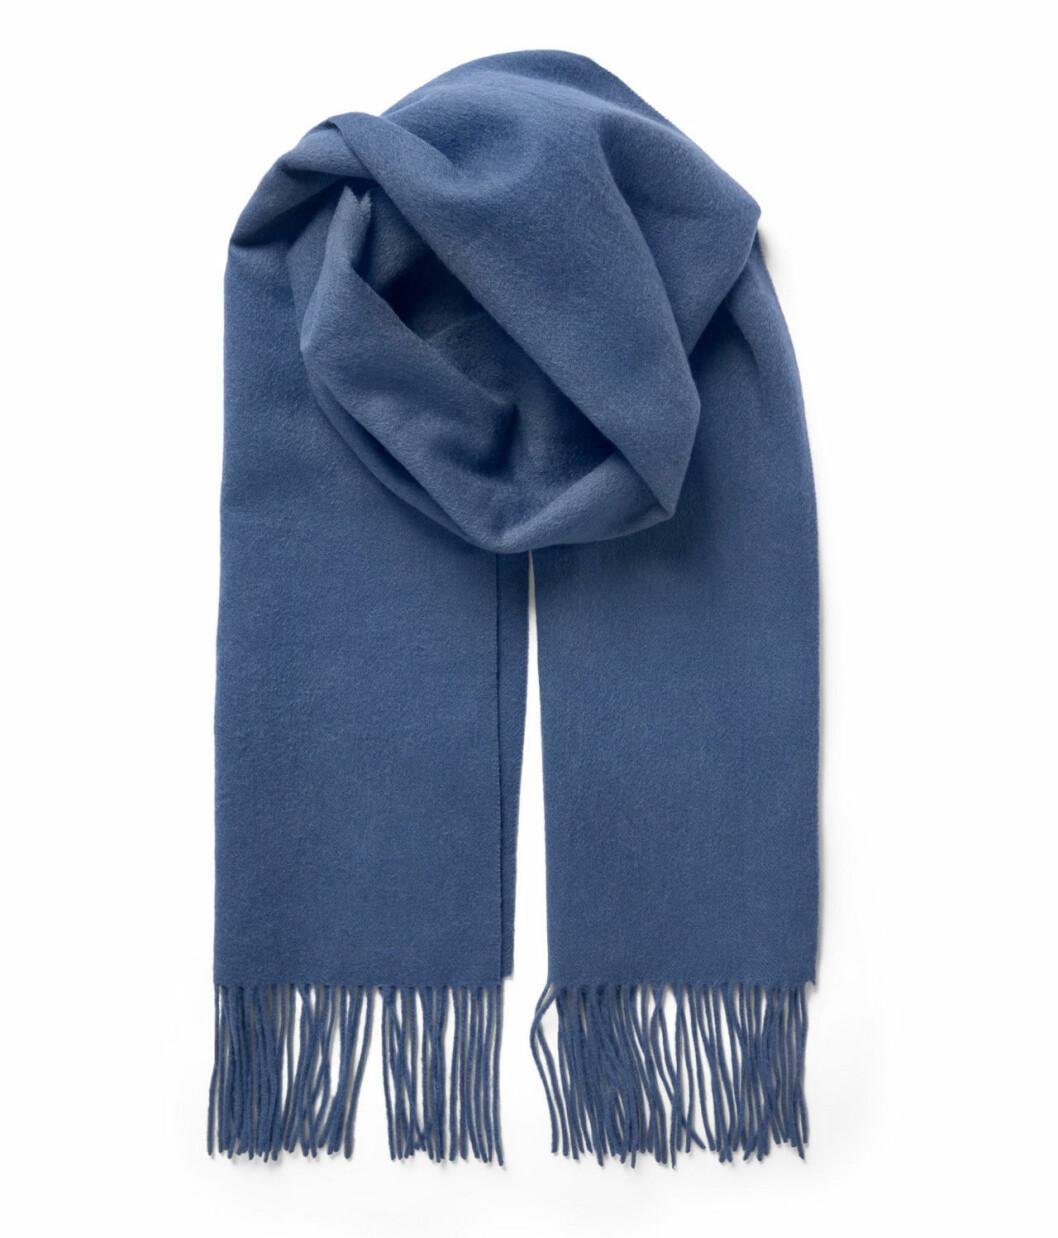 Blå halsduk till hösten